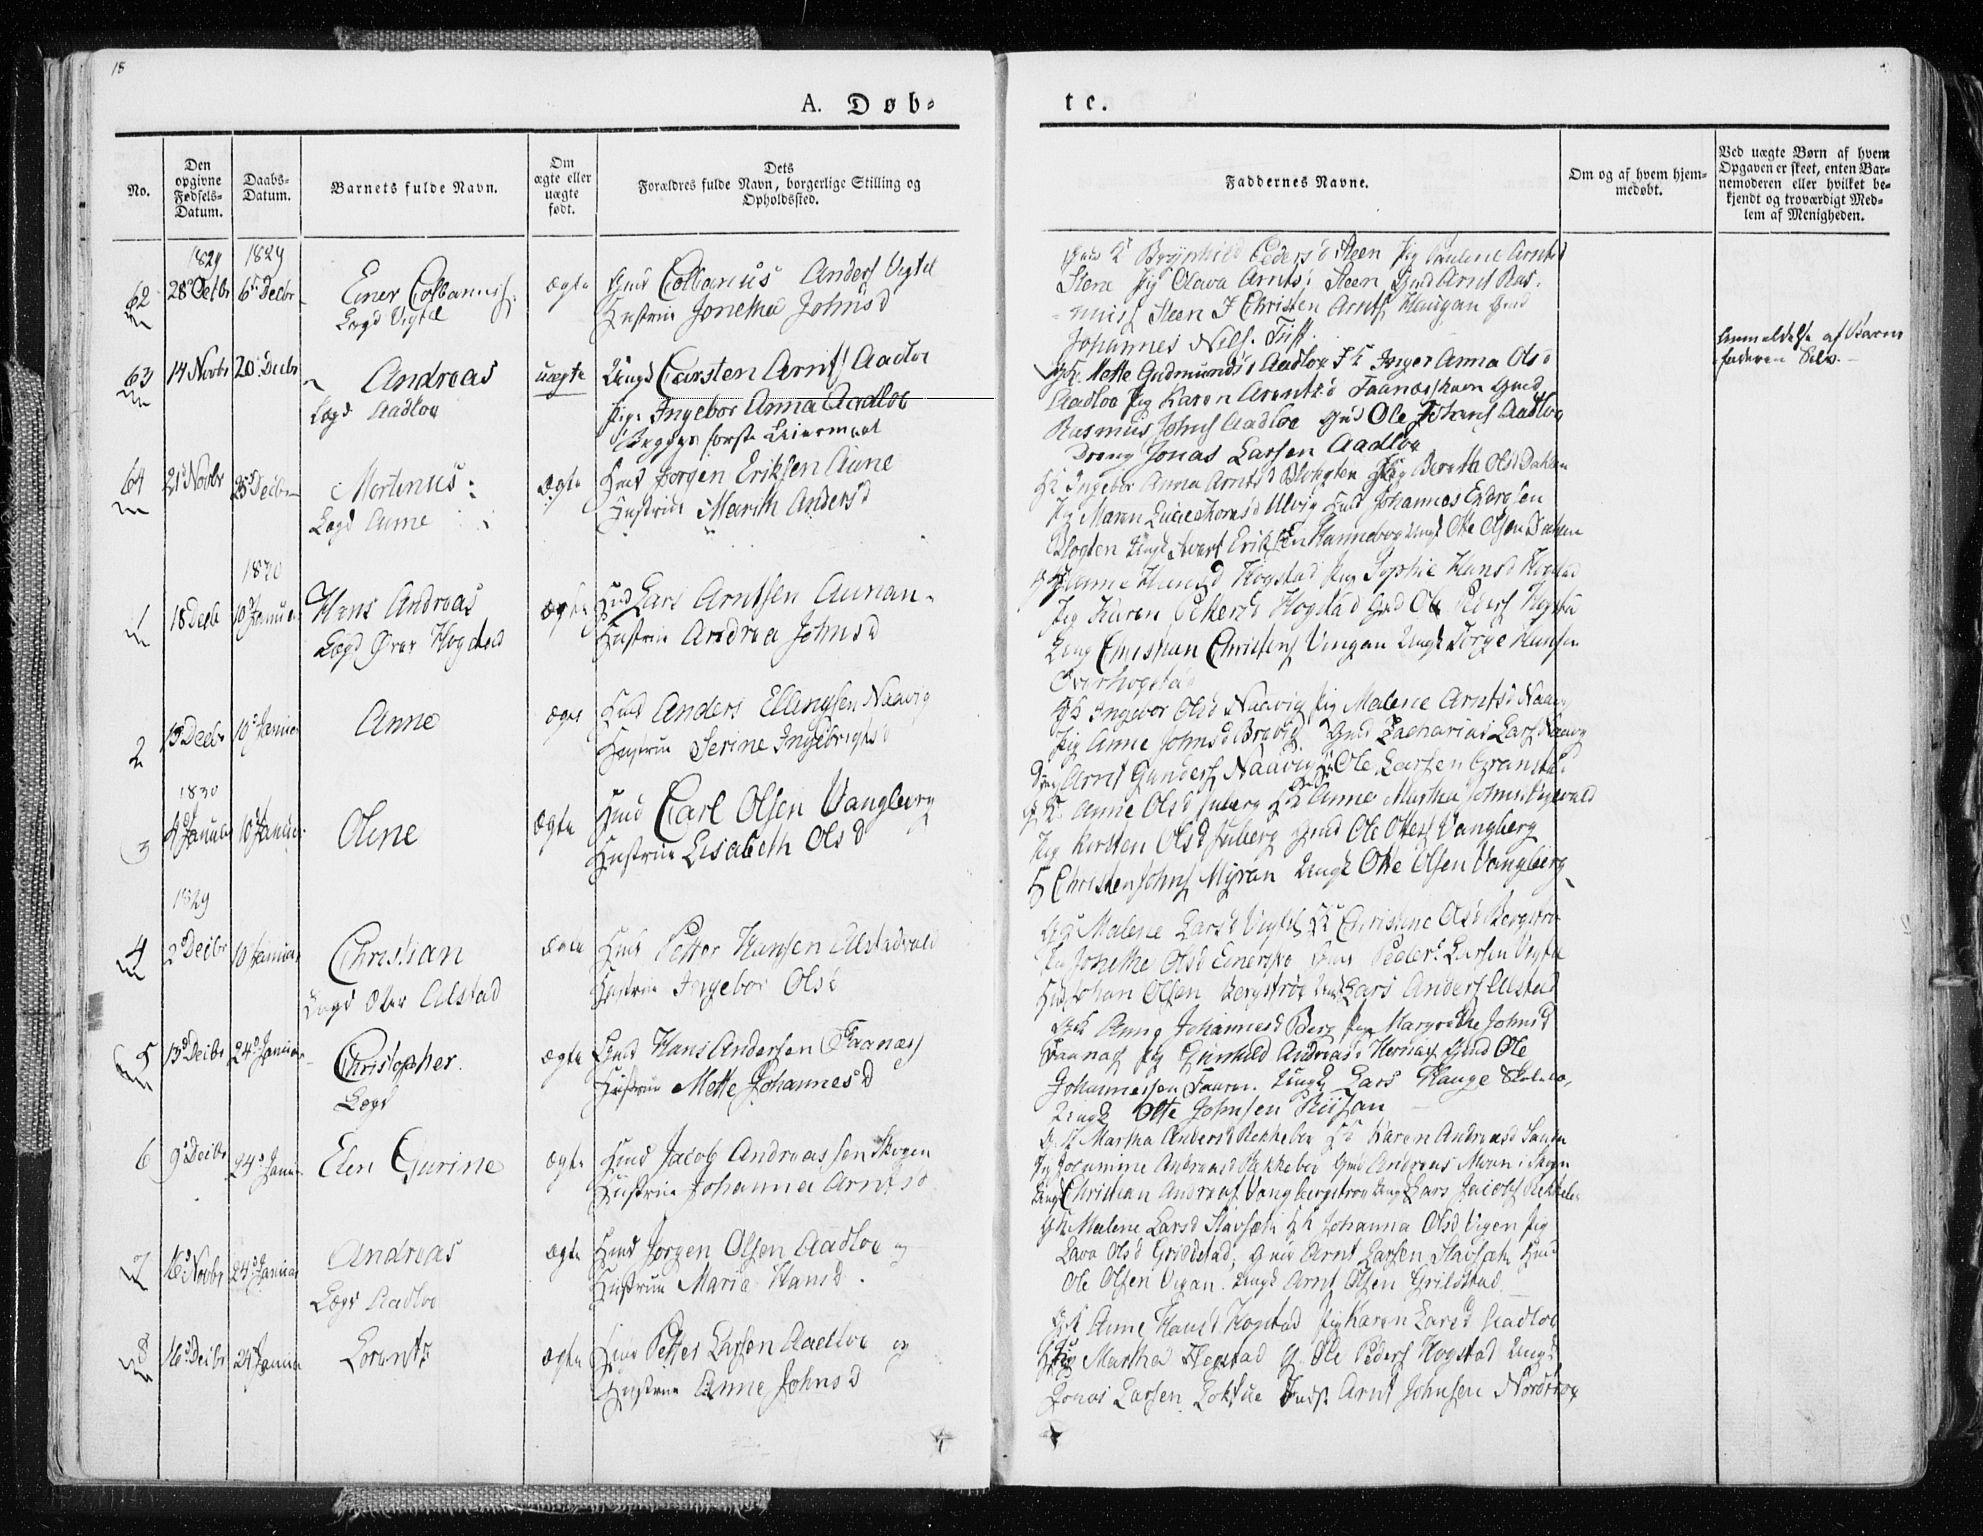 SAT, Ministerialprotokoller, klokkerbøker og fødselsregistre - Nord-Trøndelag, 713/L0114: Ministerialbok nr. 713A05, 1827-1839, s. 18